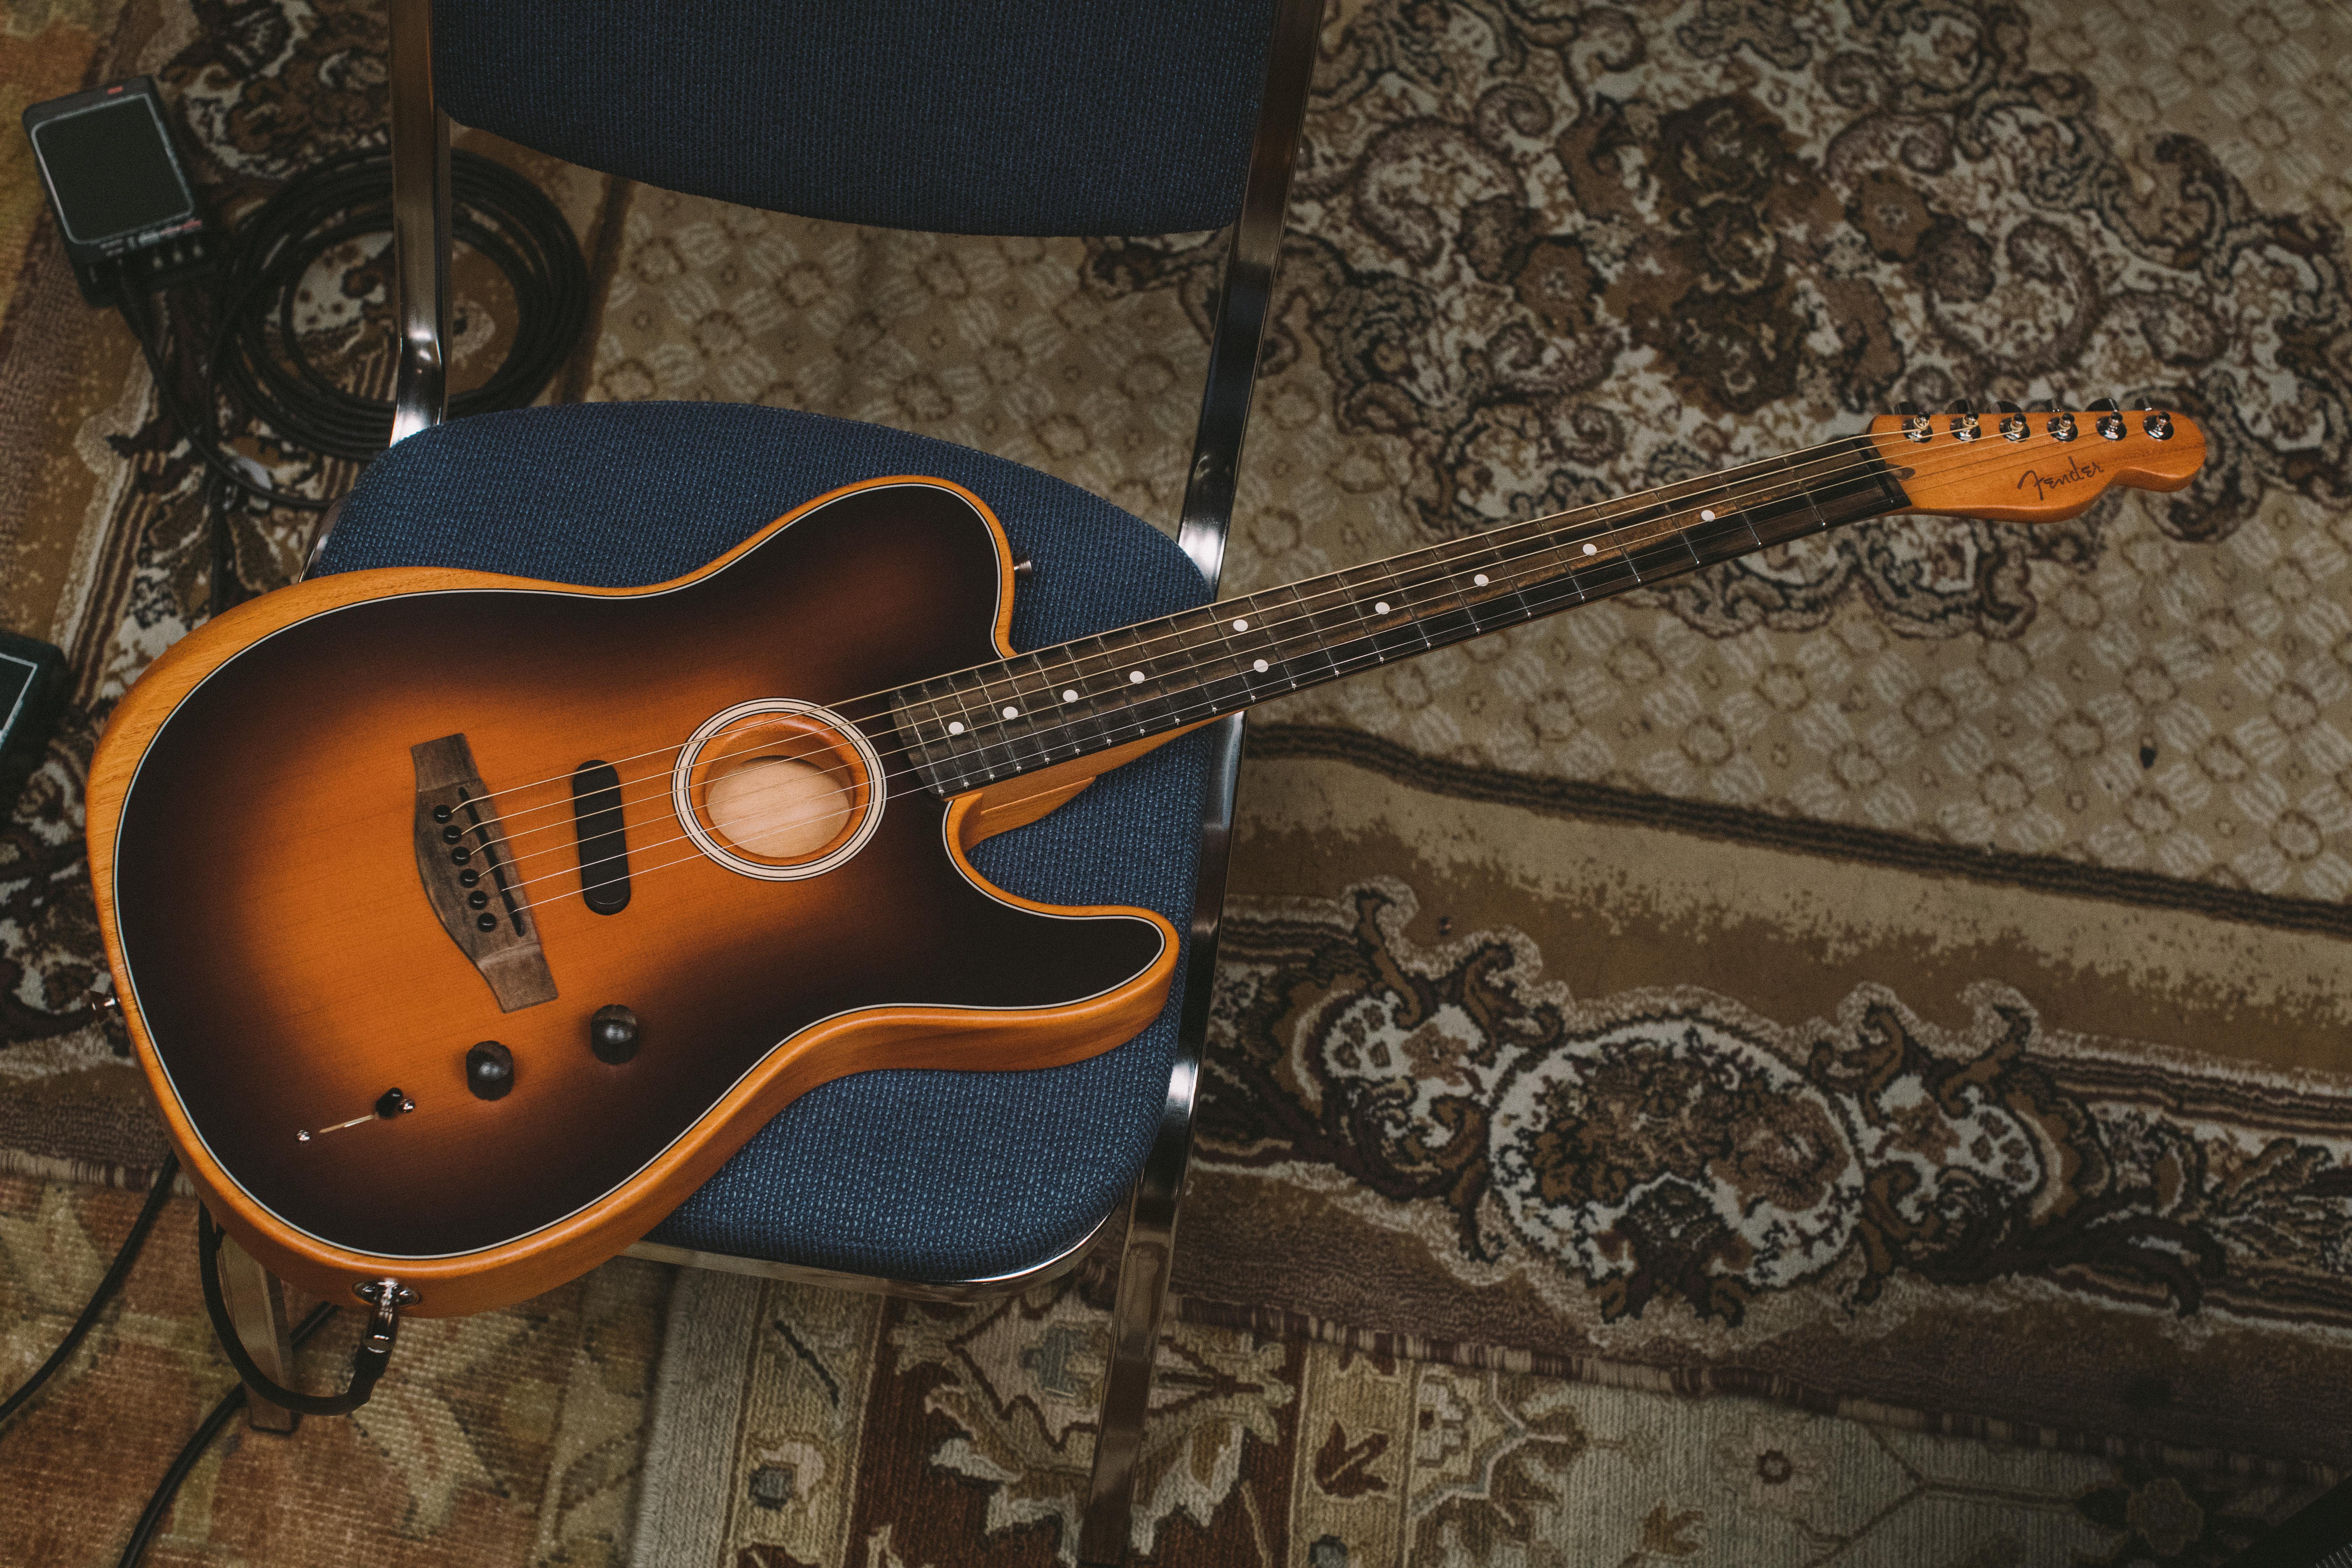 The New Fender American Acoustasonic Telecaster - Full Review